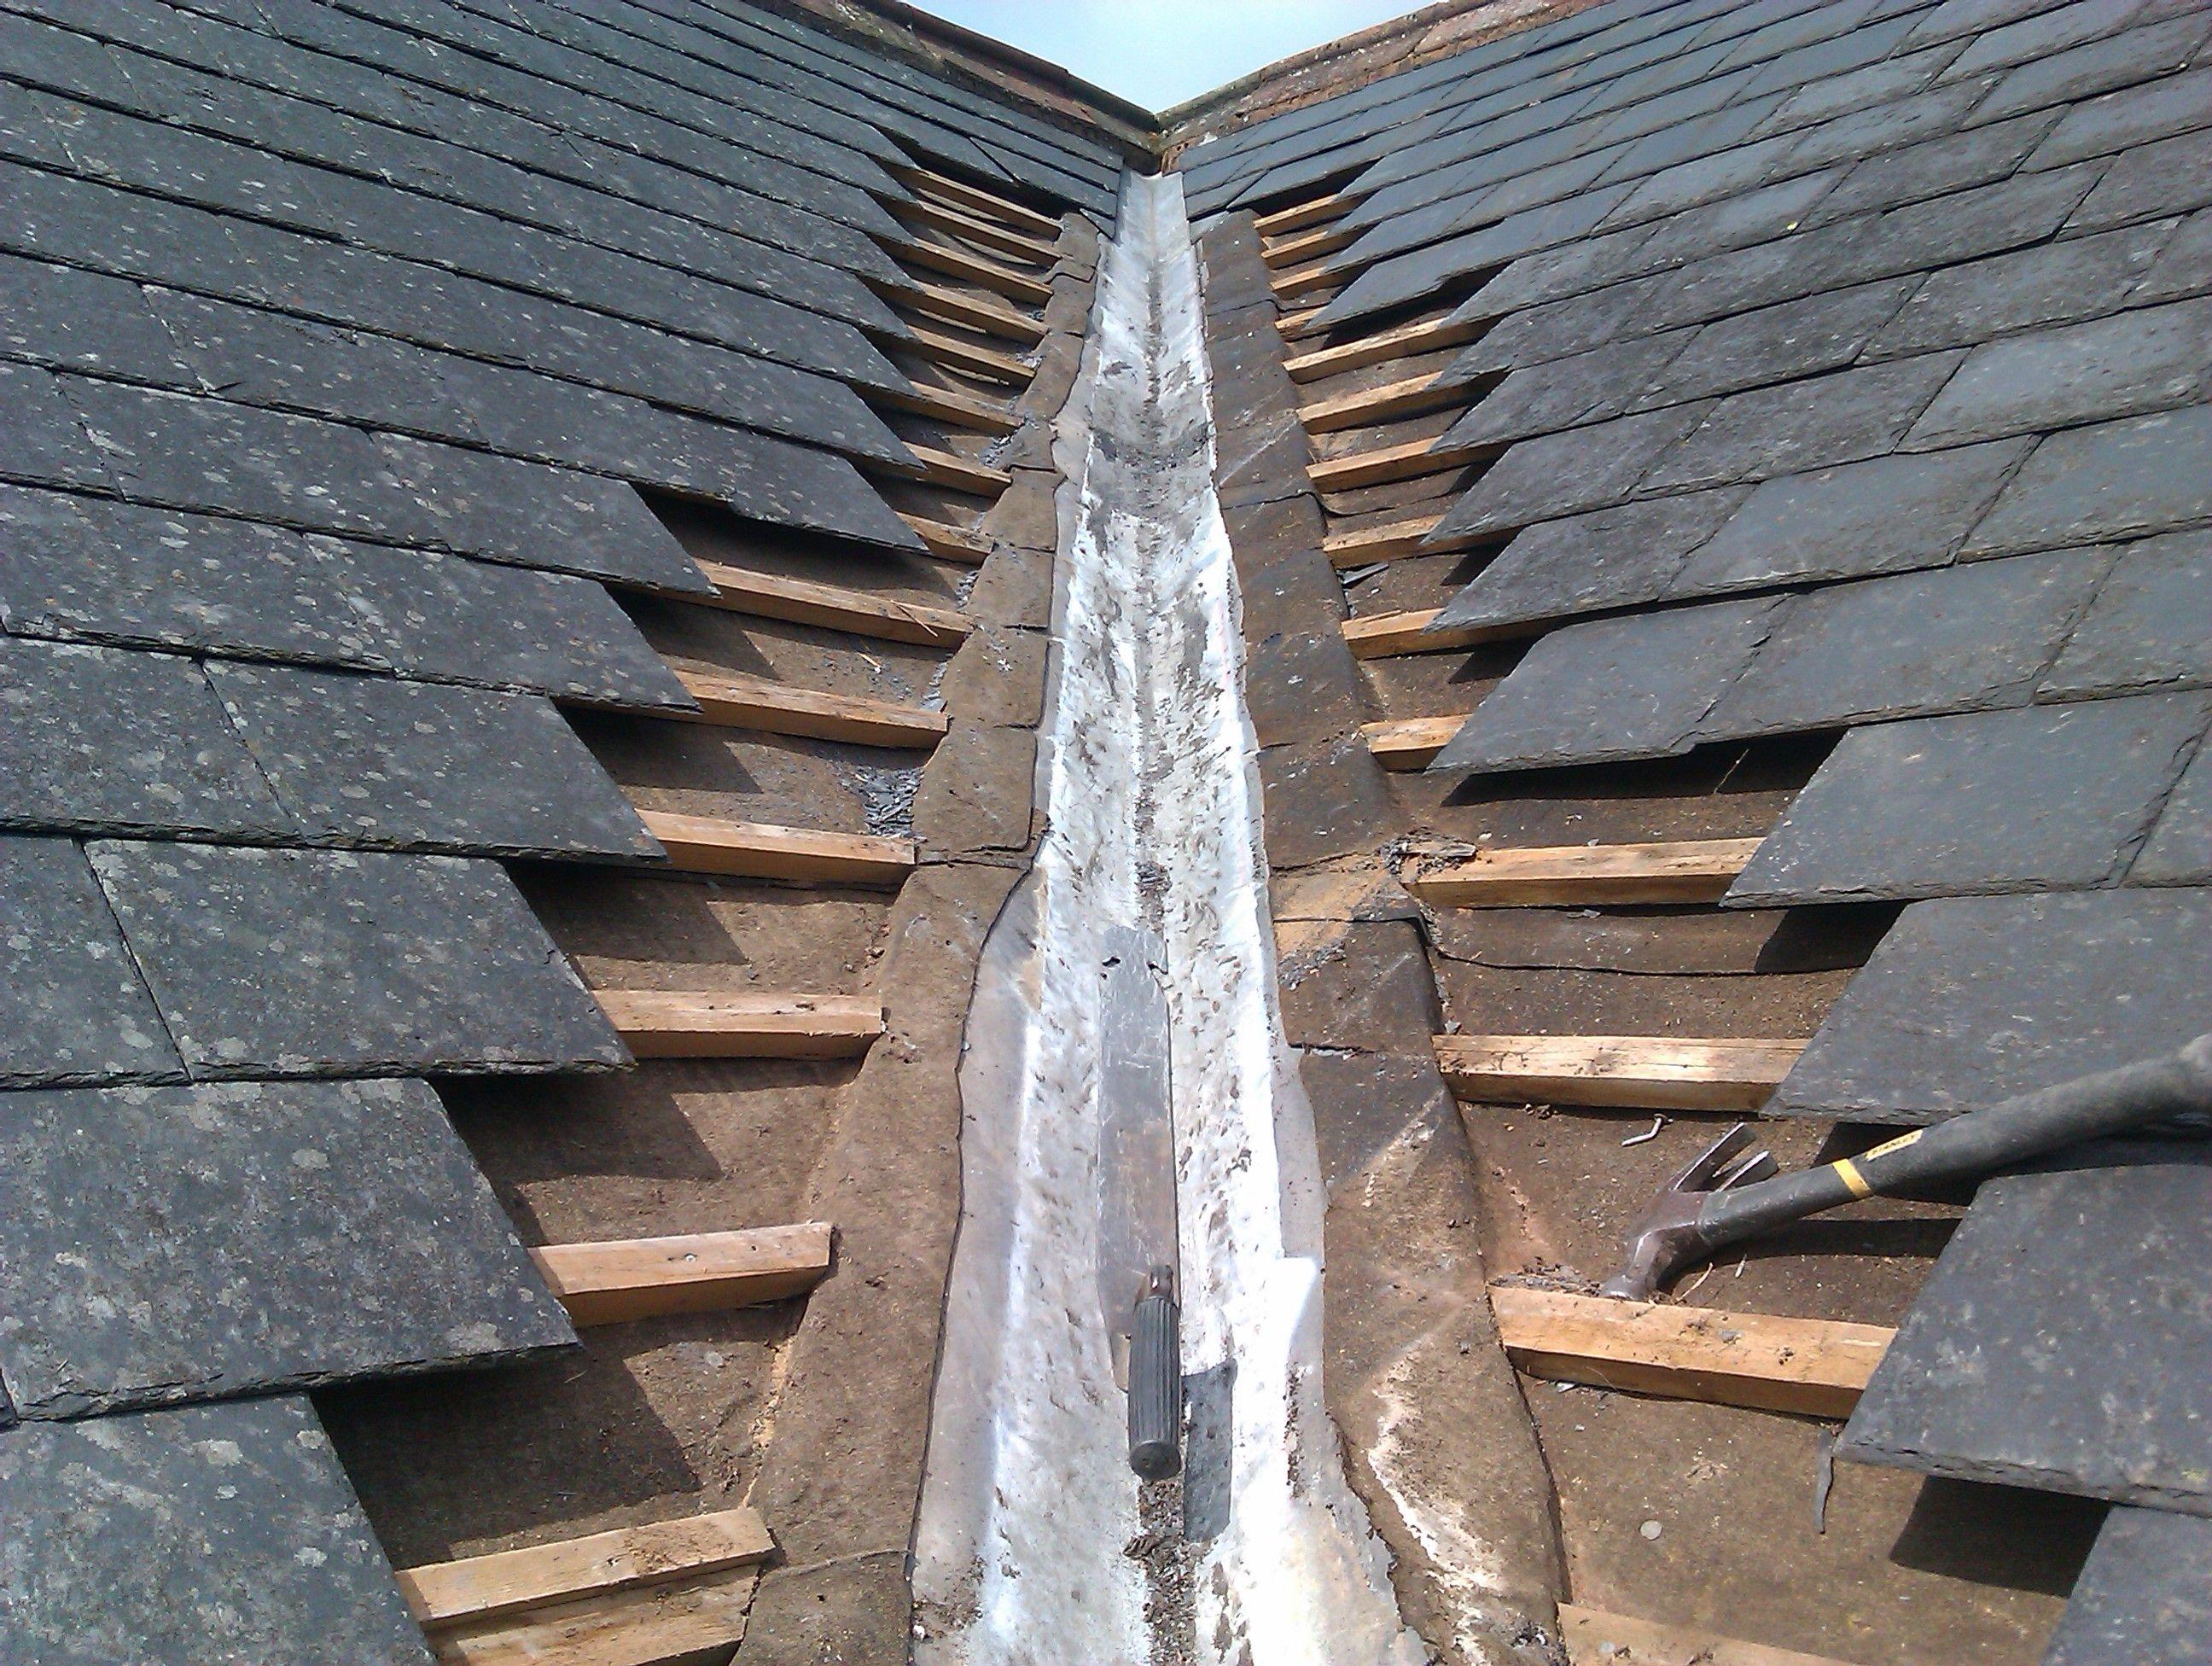 Voted Best Memphis Emergency Roofing Repairs Emergency Roofing Repair Services In Memphis Tennessee Roof Restoration Roof Repair Cool Roof